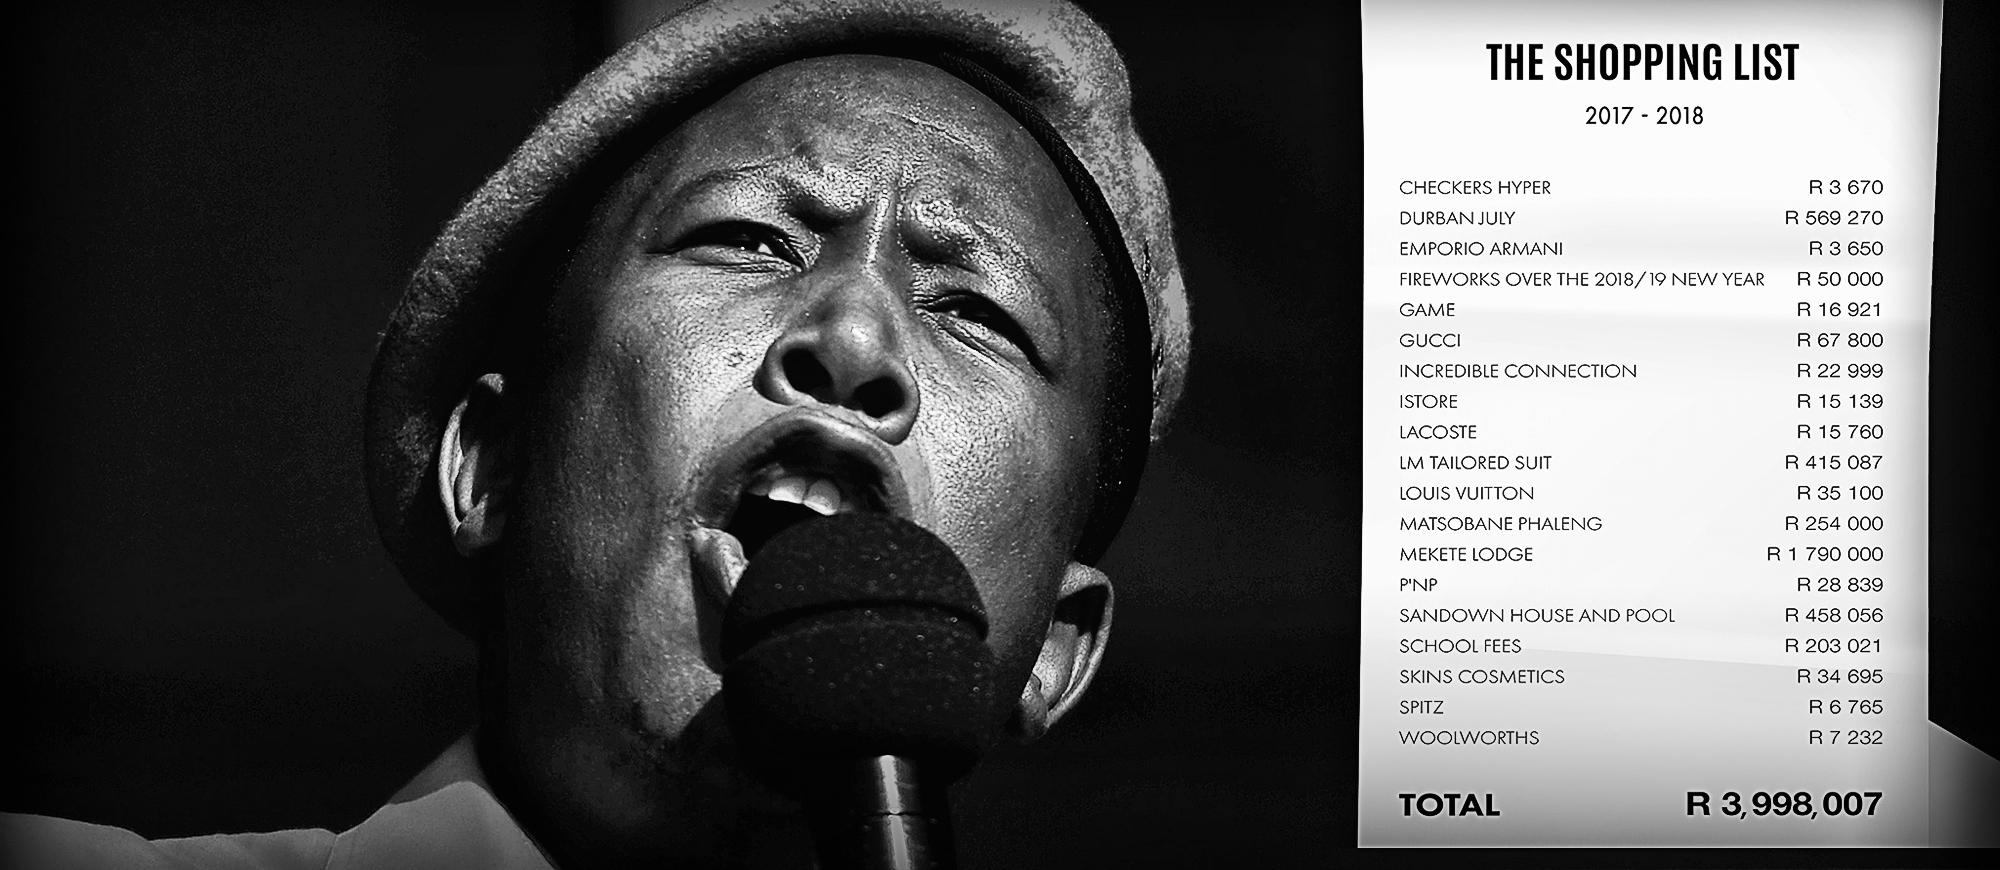 Agt belangrike wegneemetes uit die verhaal van 'Julius Malema's Time of Spending Dangerously' - Daily Maverick